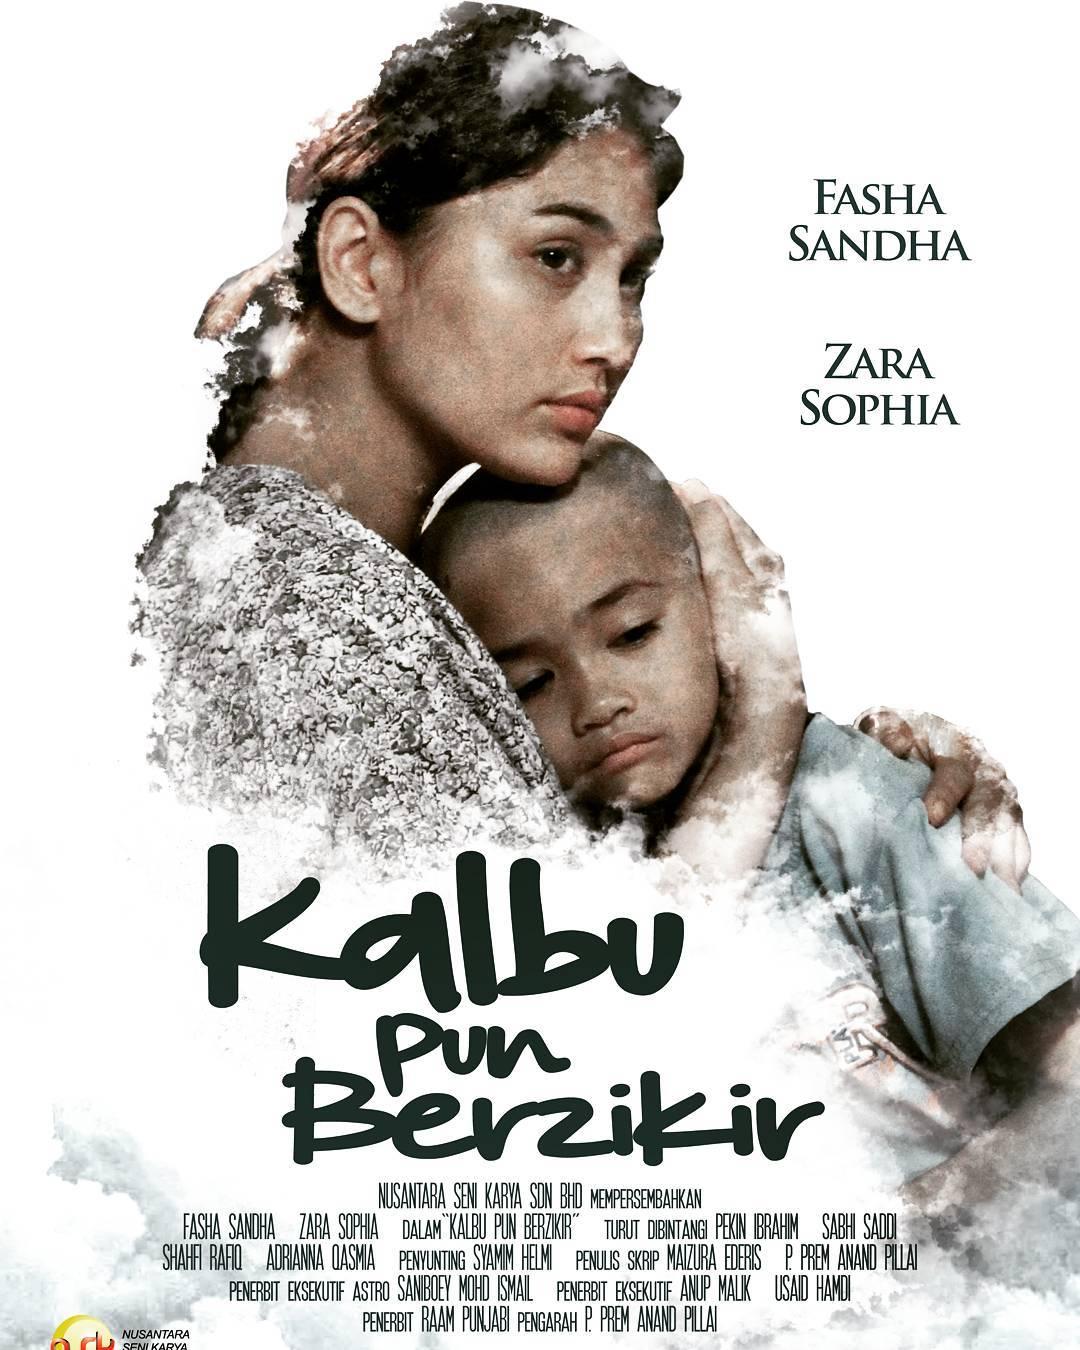 Kalbu Pun Berzikir (2017)